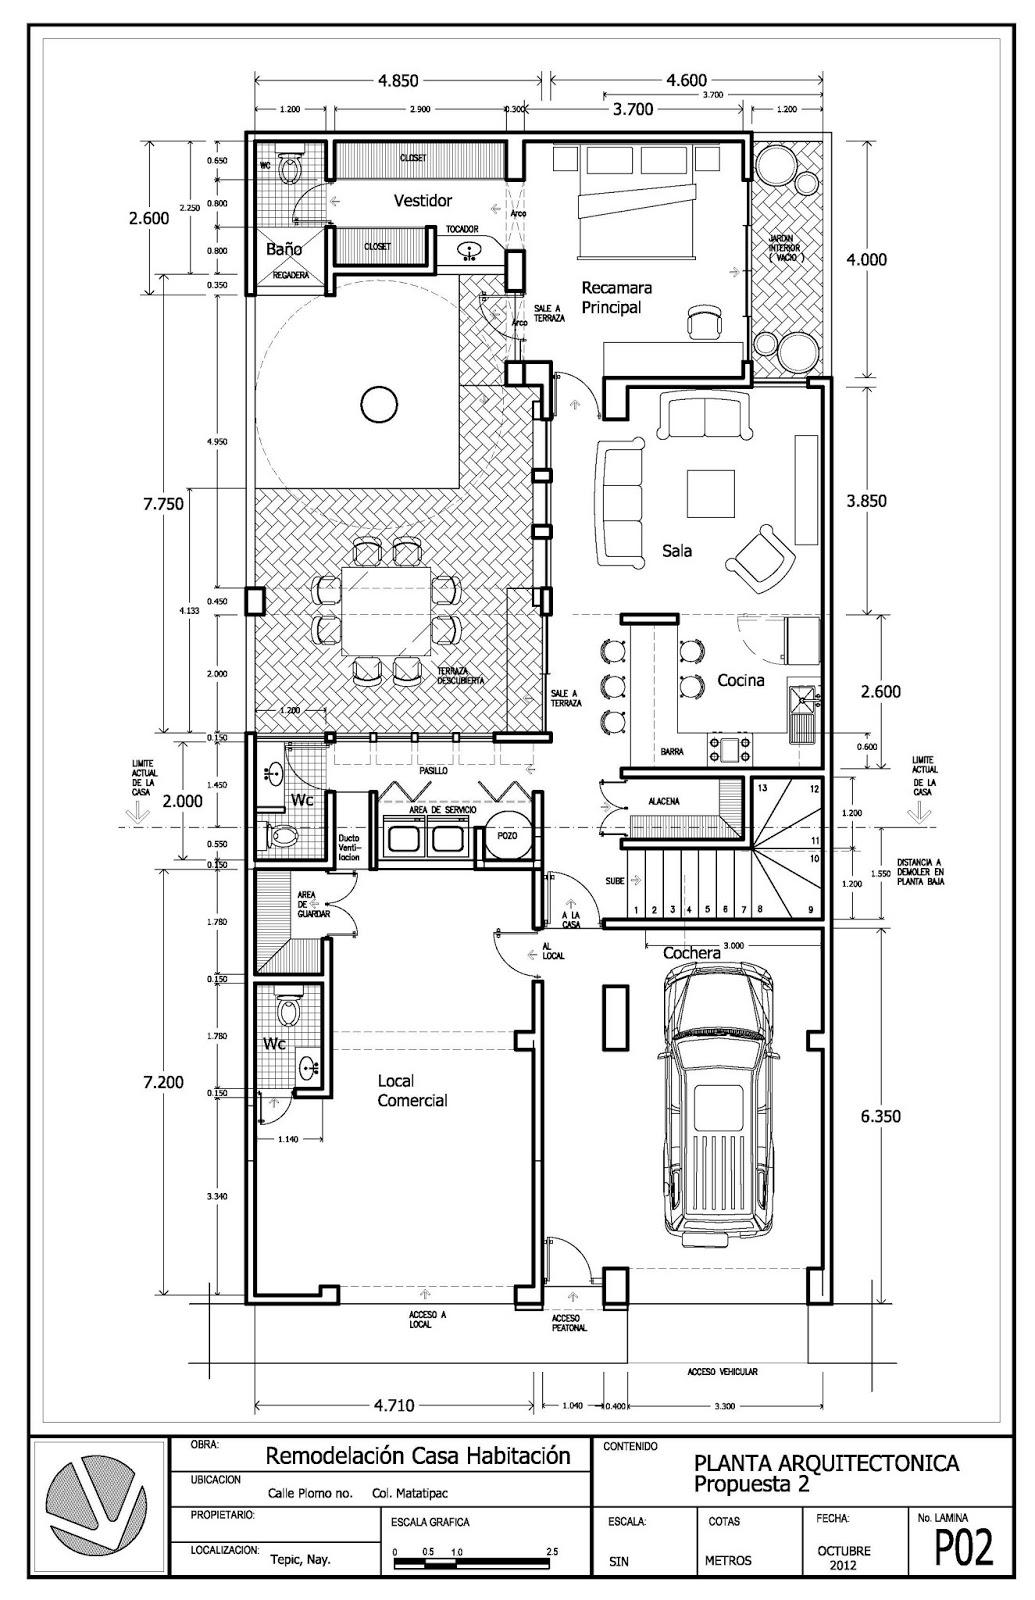 La casa remodala construccion e ingeneria remodelaci n for Que es una planta arquitectonica